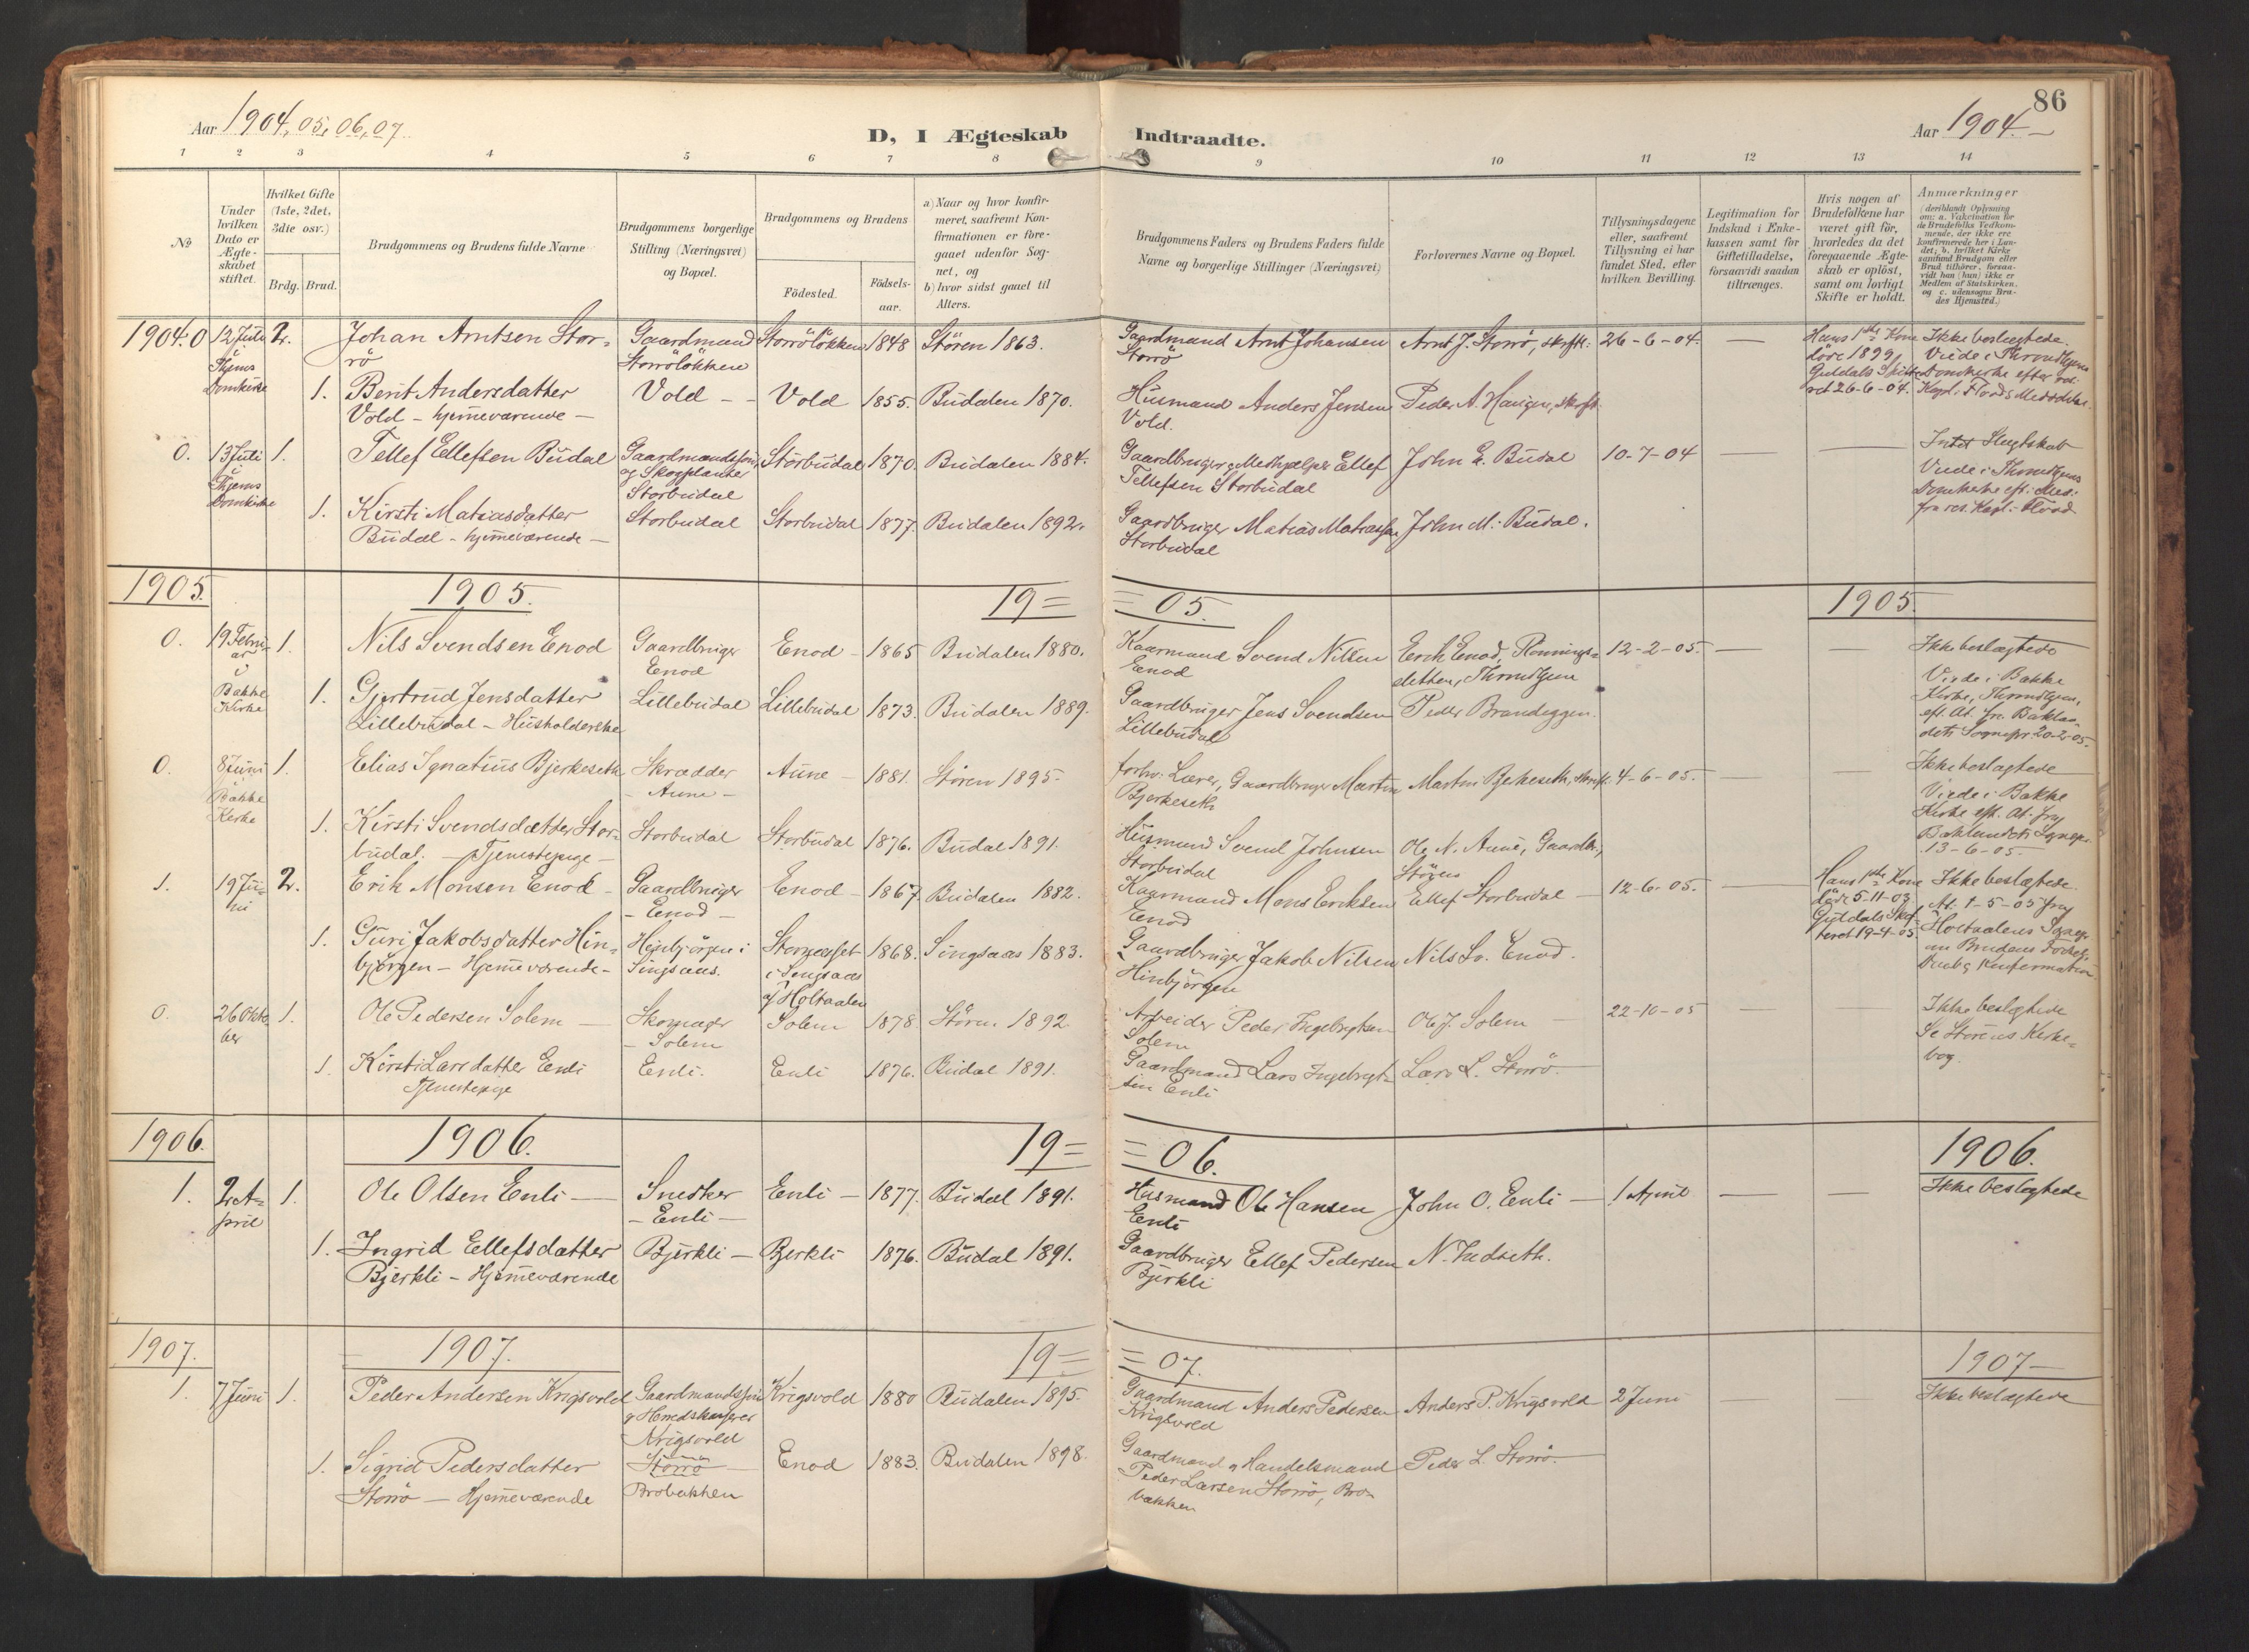 SAT, Ministerialprotokoller, klokkerbøker og fødselsregistre - Sør-Trøndelag, 690/L1050: Ministerialbok nr. 690A01, 1889-1929, s. 86